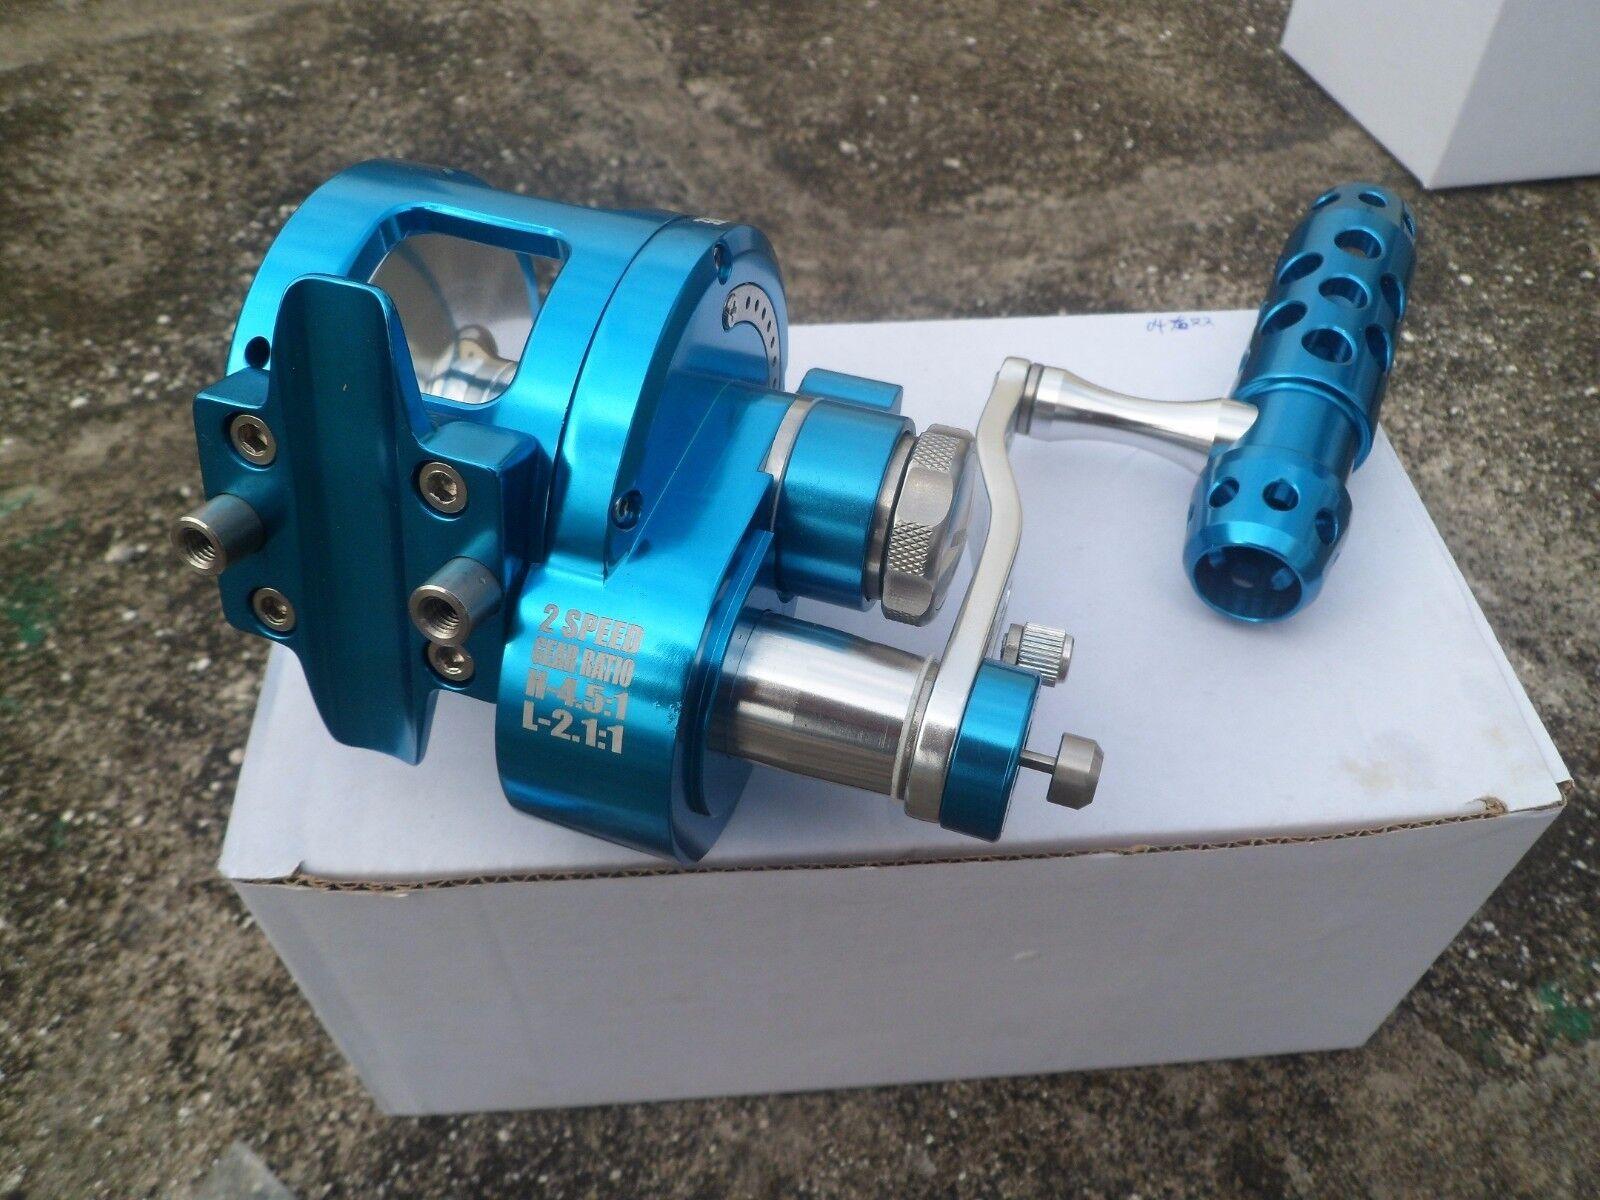 Saltwater Jigging Fishing Reel CNC Full Metal Manufacturing 25KG Drag II 2 Speed